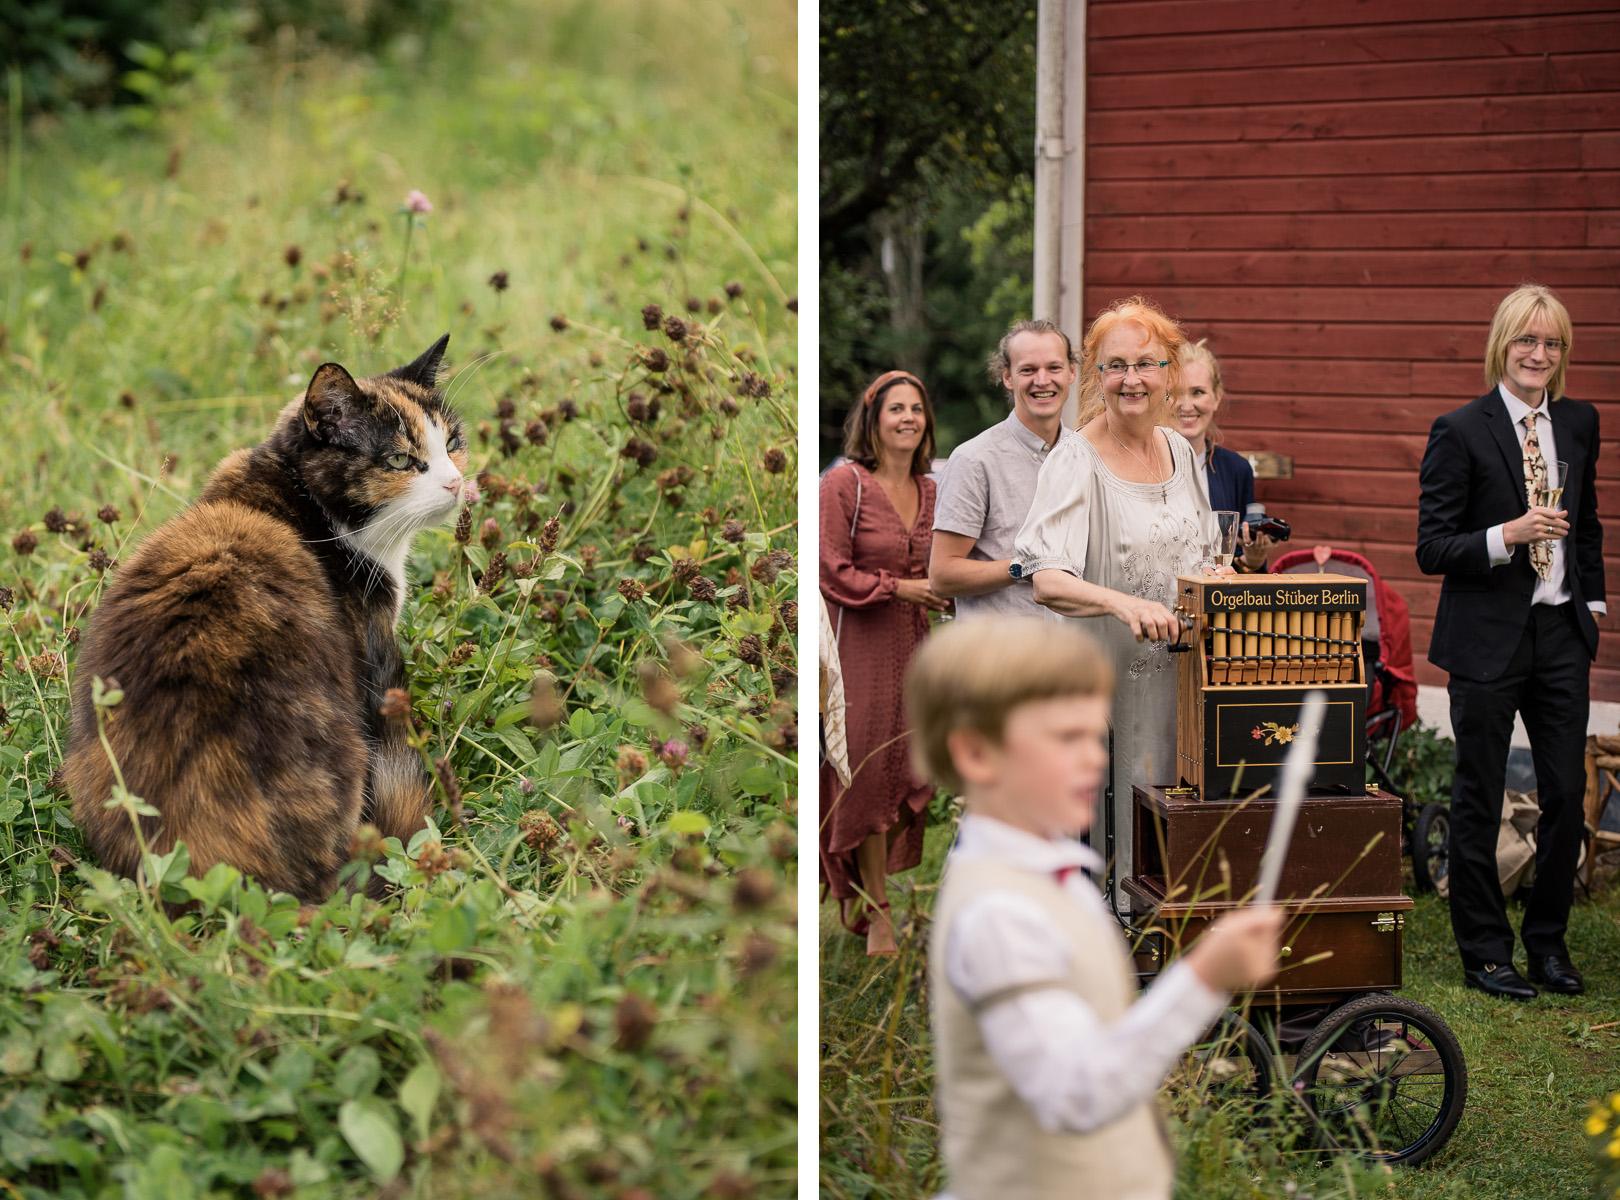 _DSC0947 Bohemiskt lantligt vintage bröllop i gammal byskola.jpg